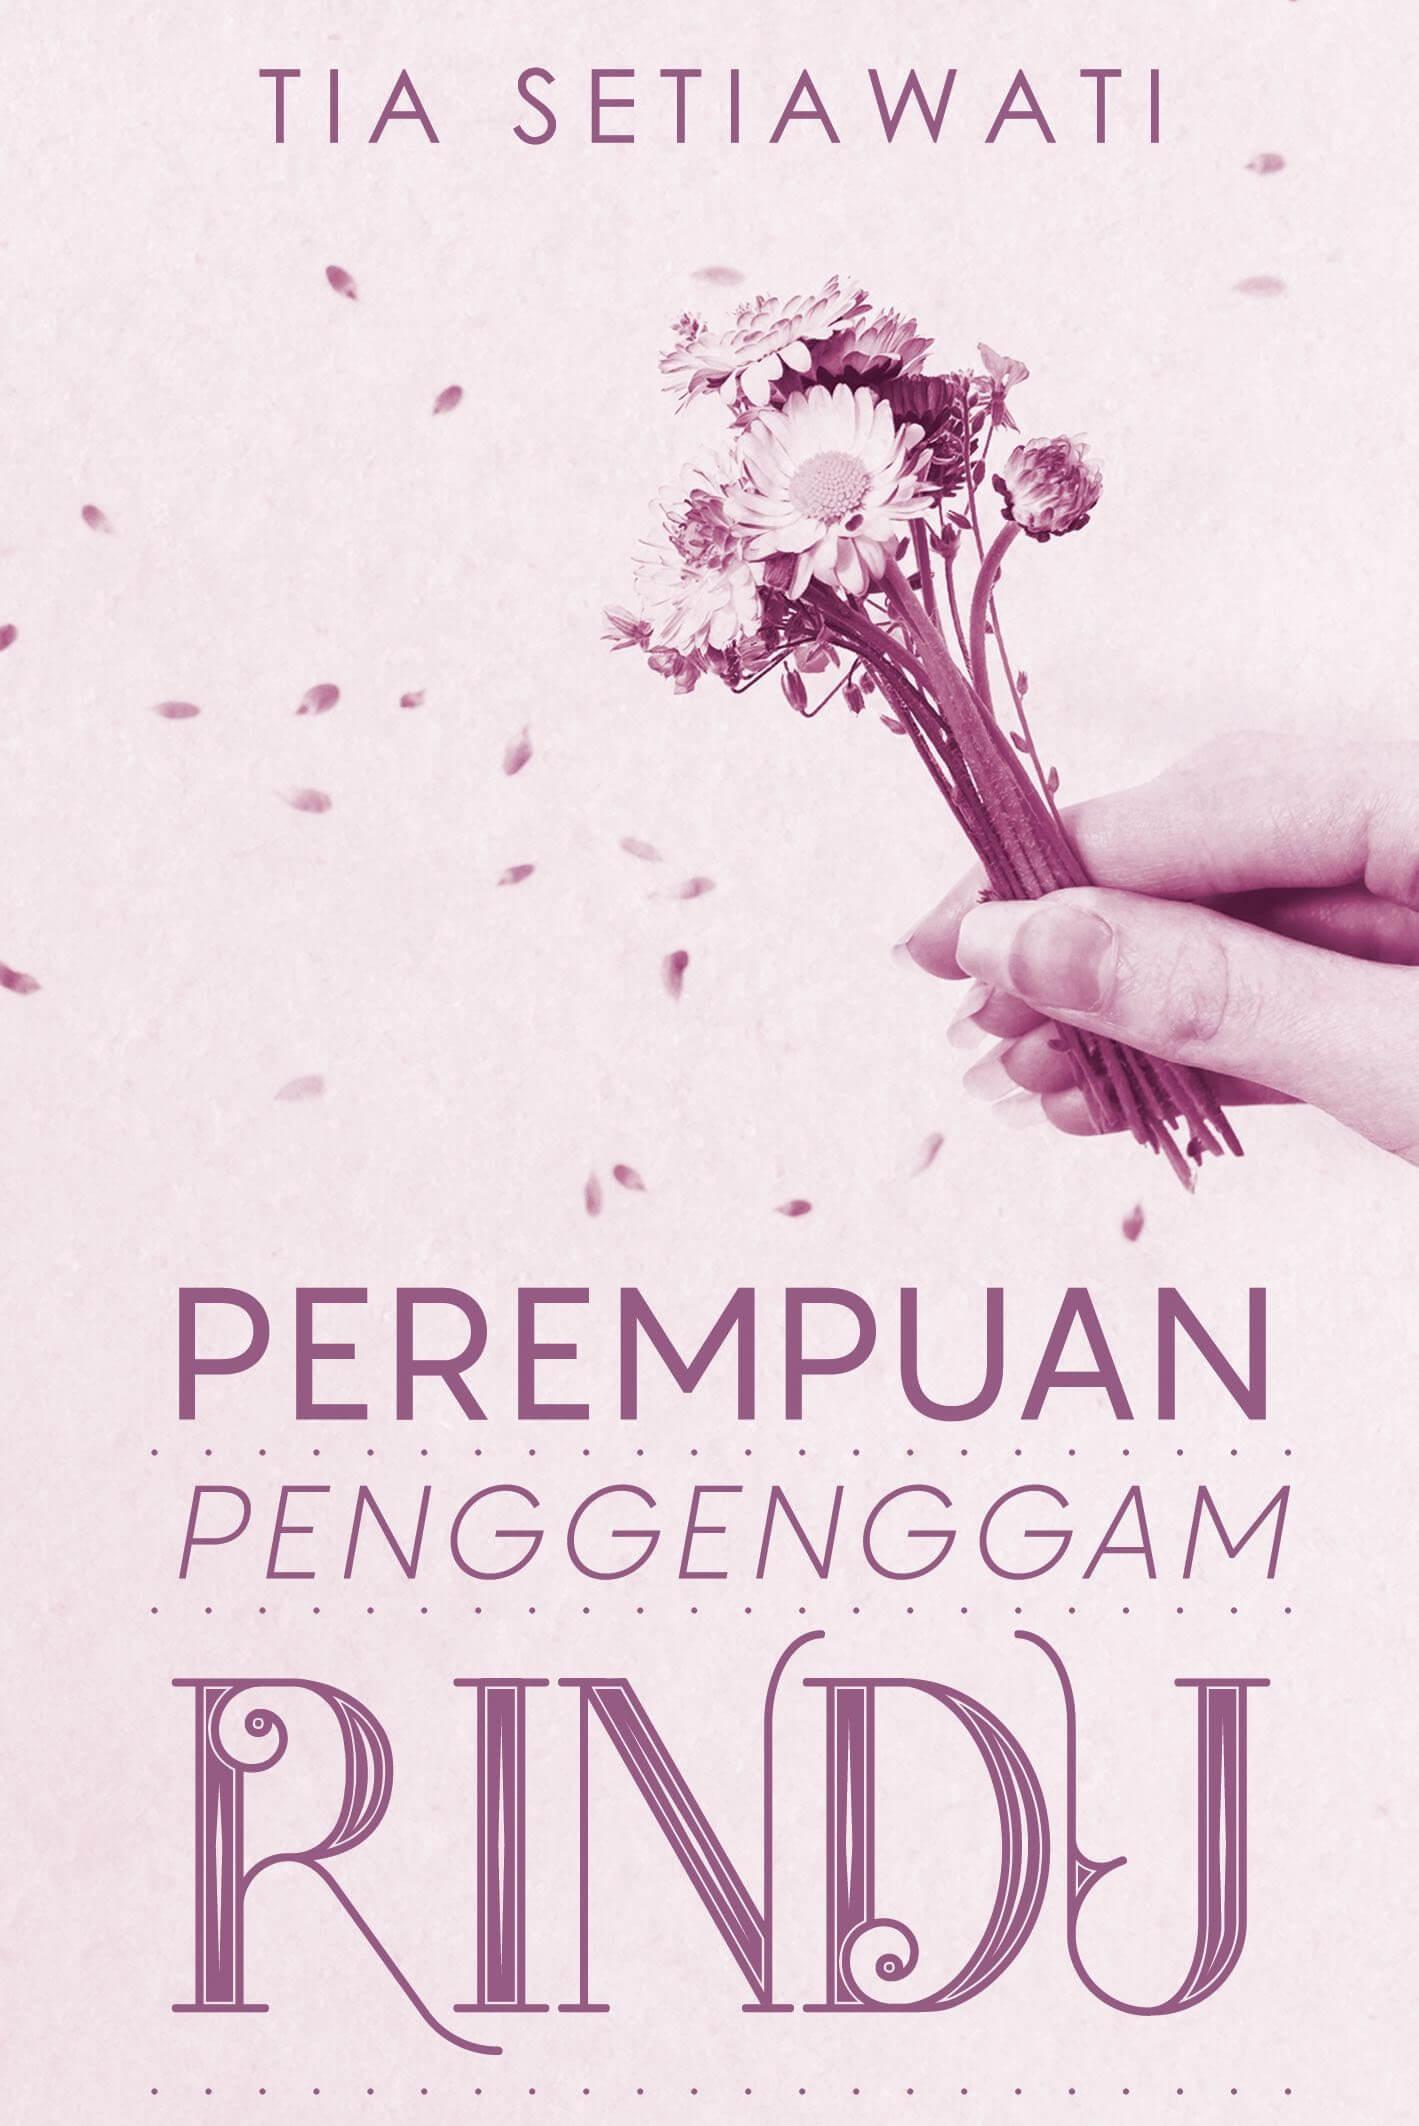 Buku Perempuan Penggenggam Rindu Tia Setiawati Mizanstore